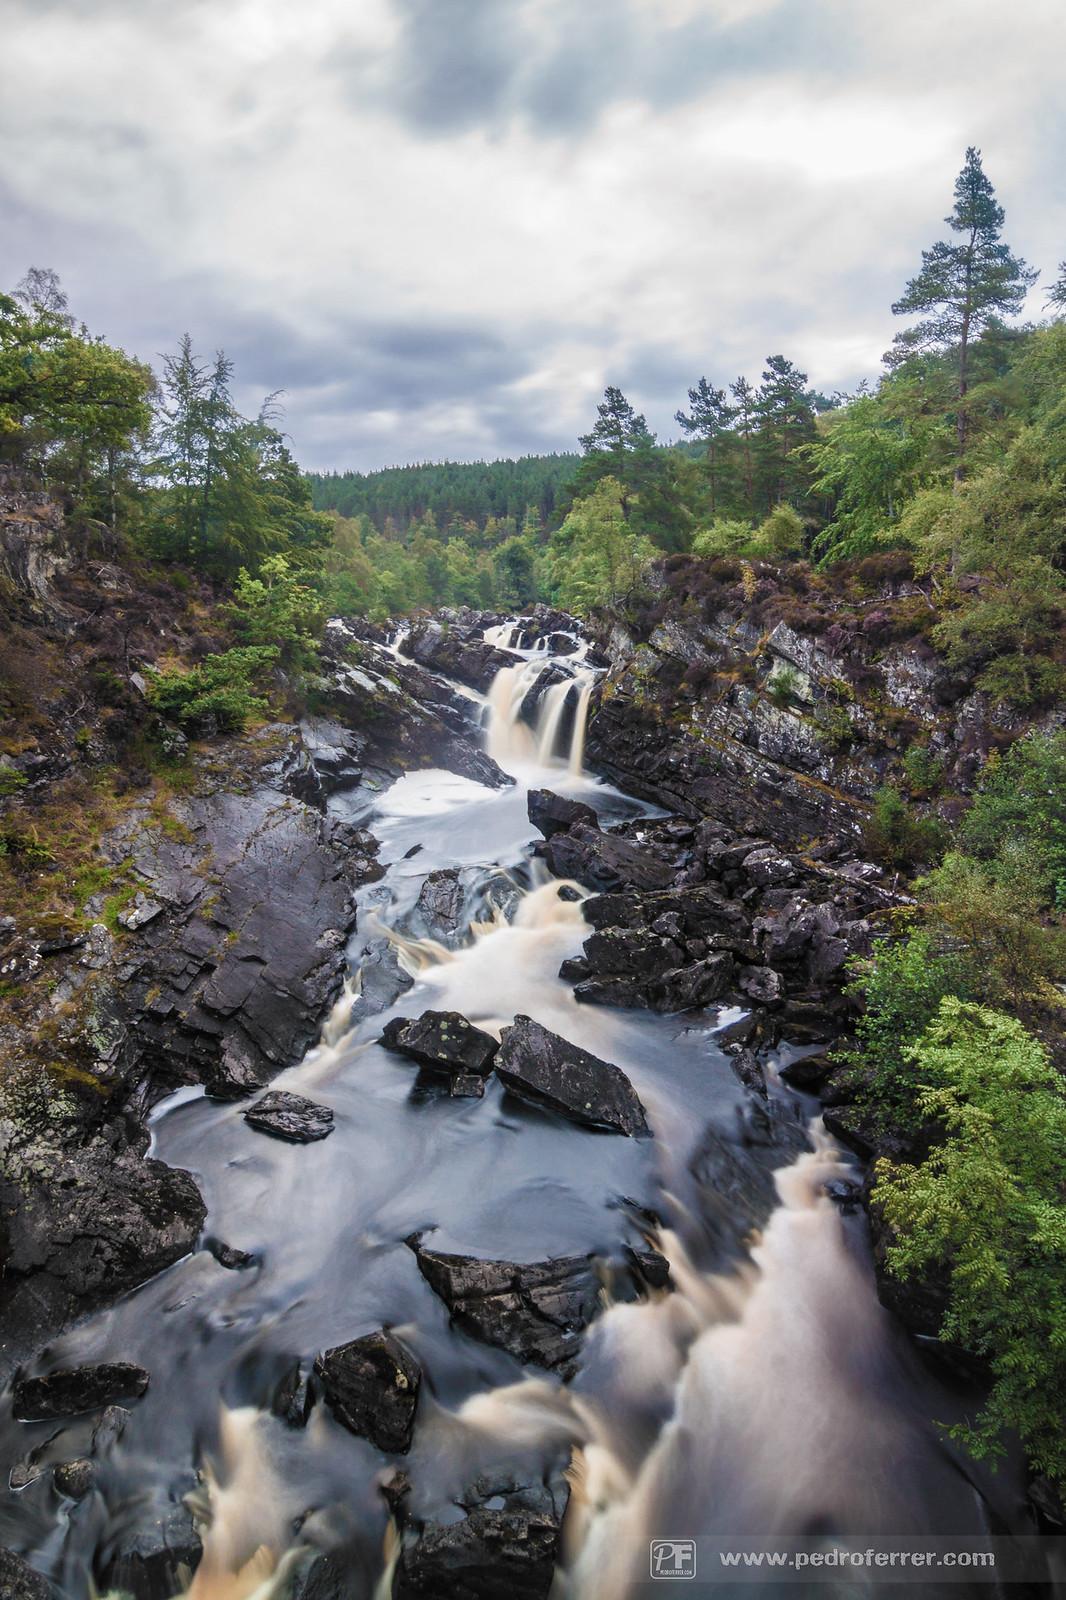 Eas Rothagaidh ¿cómo?. Si, las Rogie falls, en gaélico